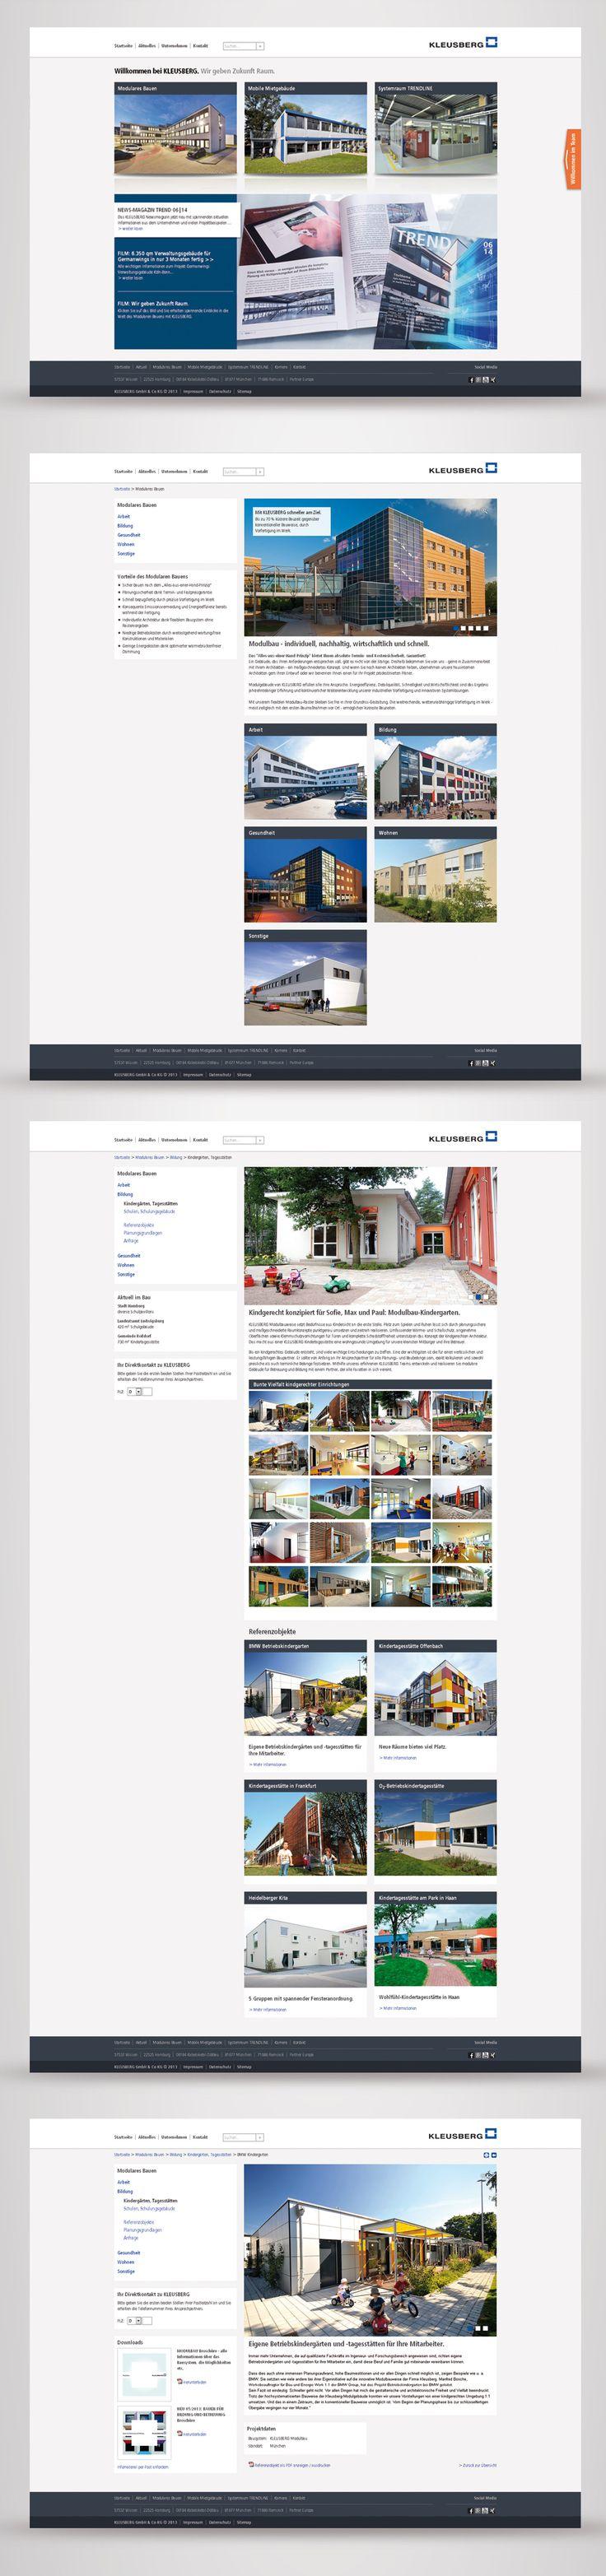 Screendesign / Webseite der Firma KLEUSBERG von MSM Werbung